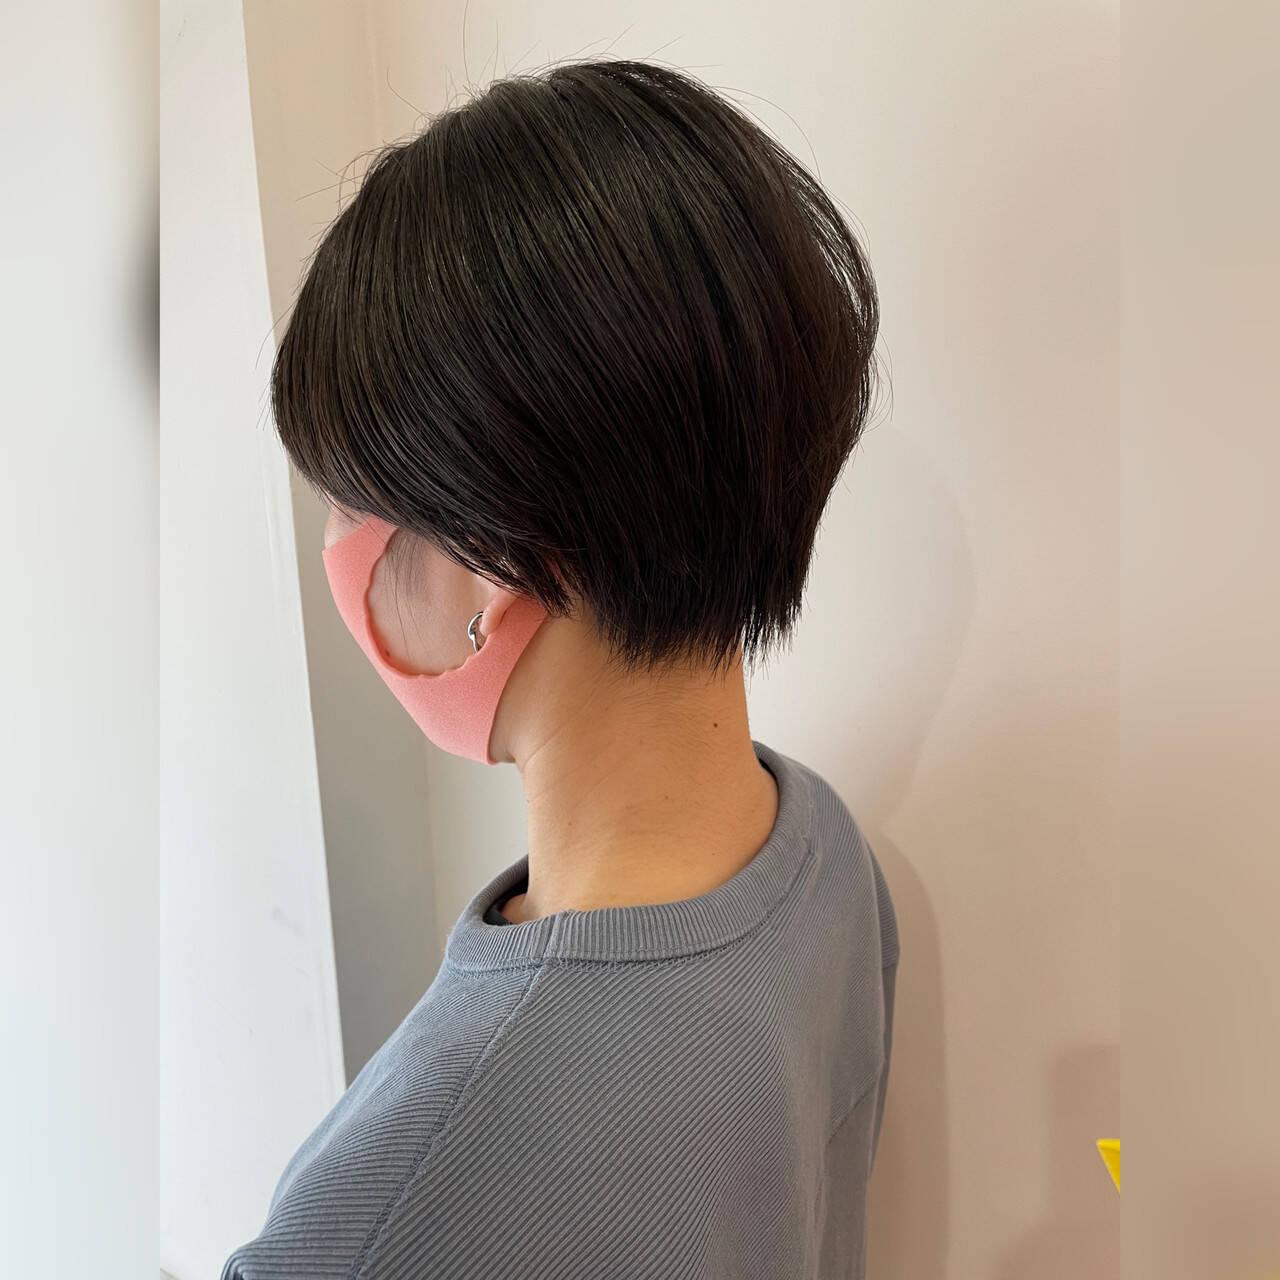 ミニボブ ショートヘア ショート ベリーショートヘアスタイルや髪型の写真・画像